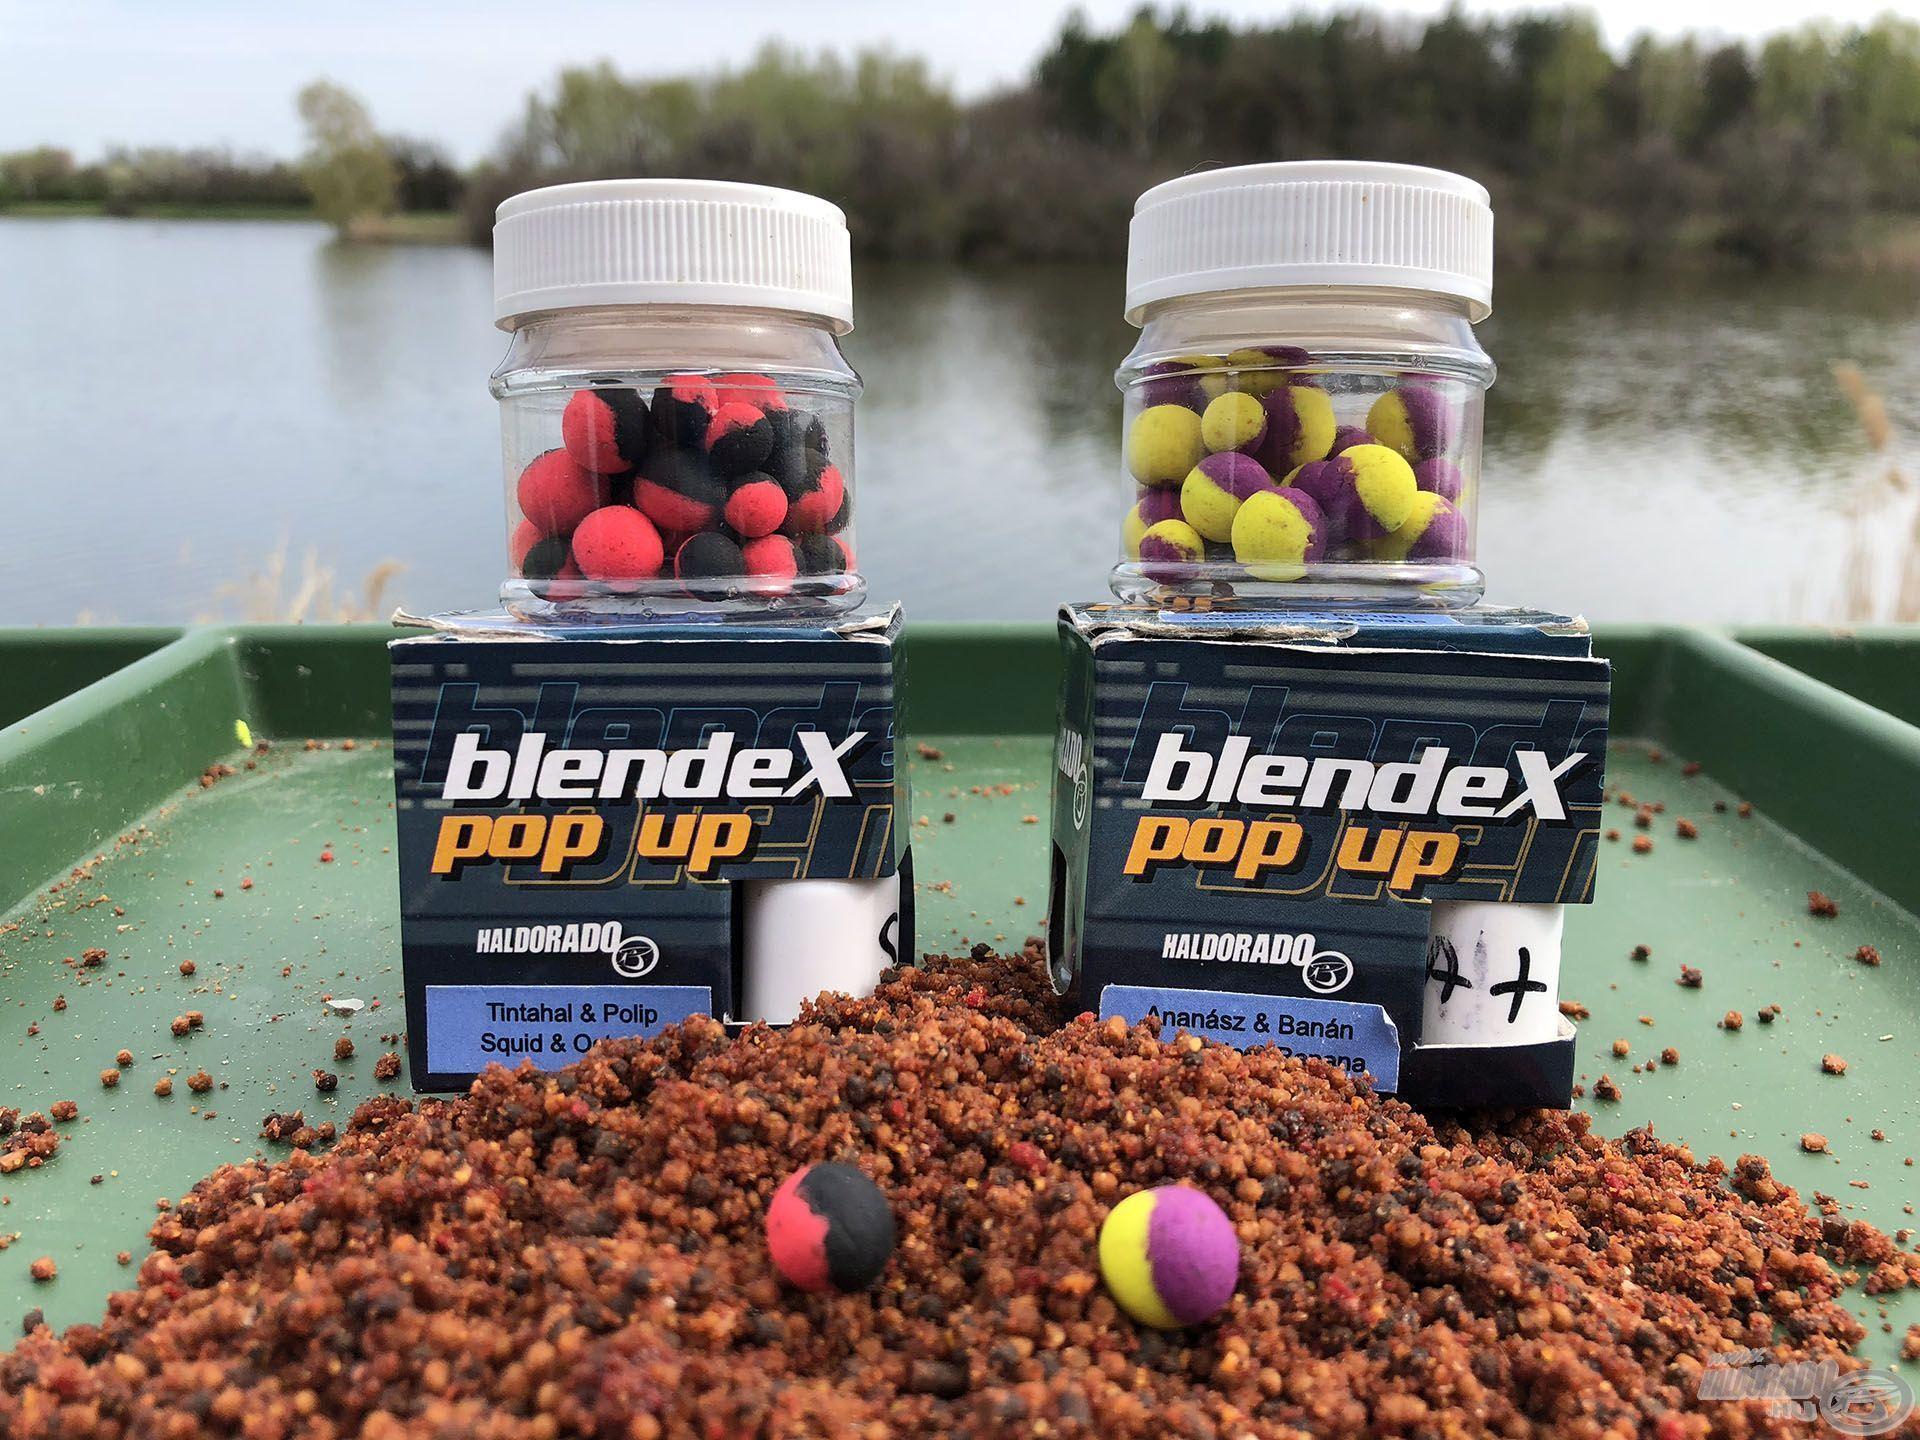 Két személyes kedvencem a BlendeX Pop Up csalik közül